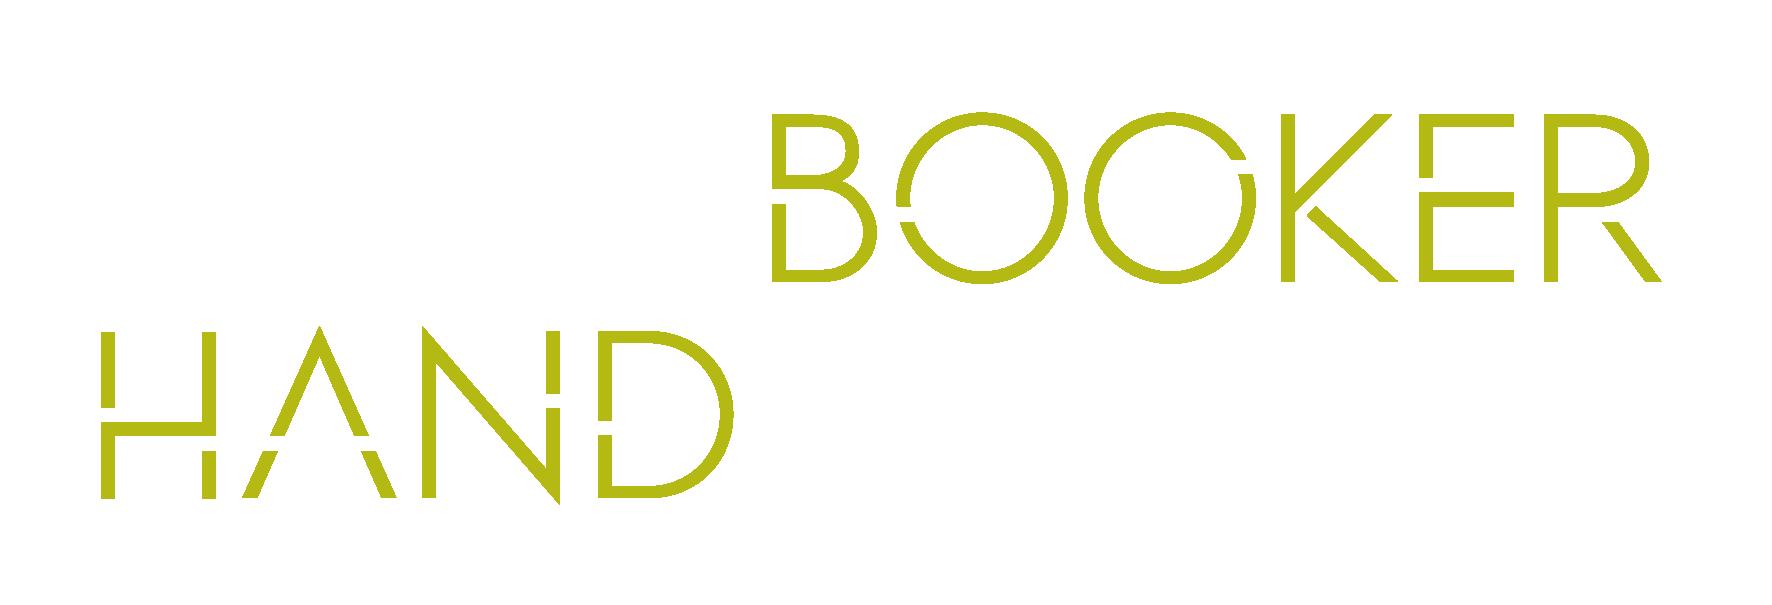 Cally Booker